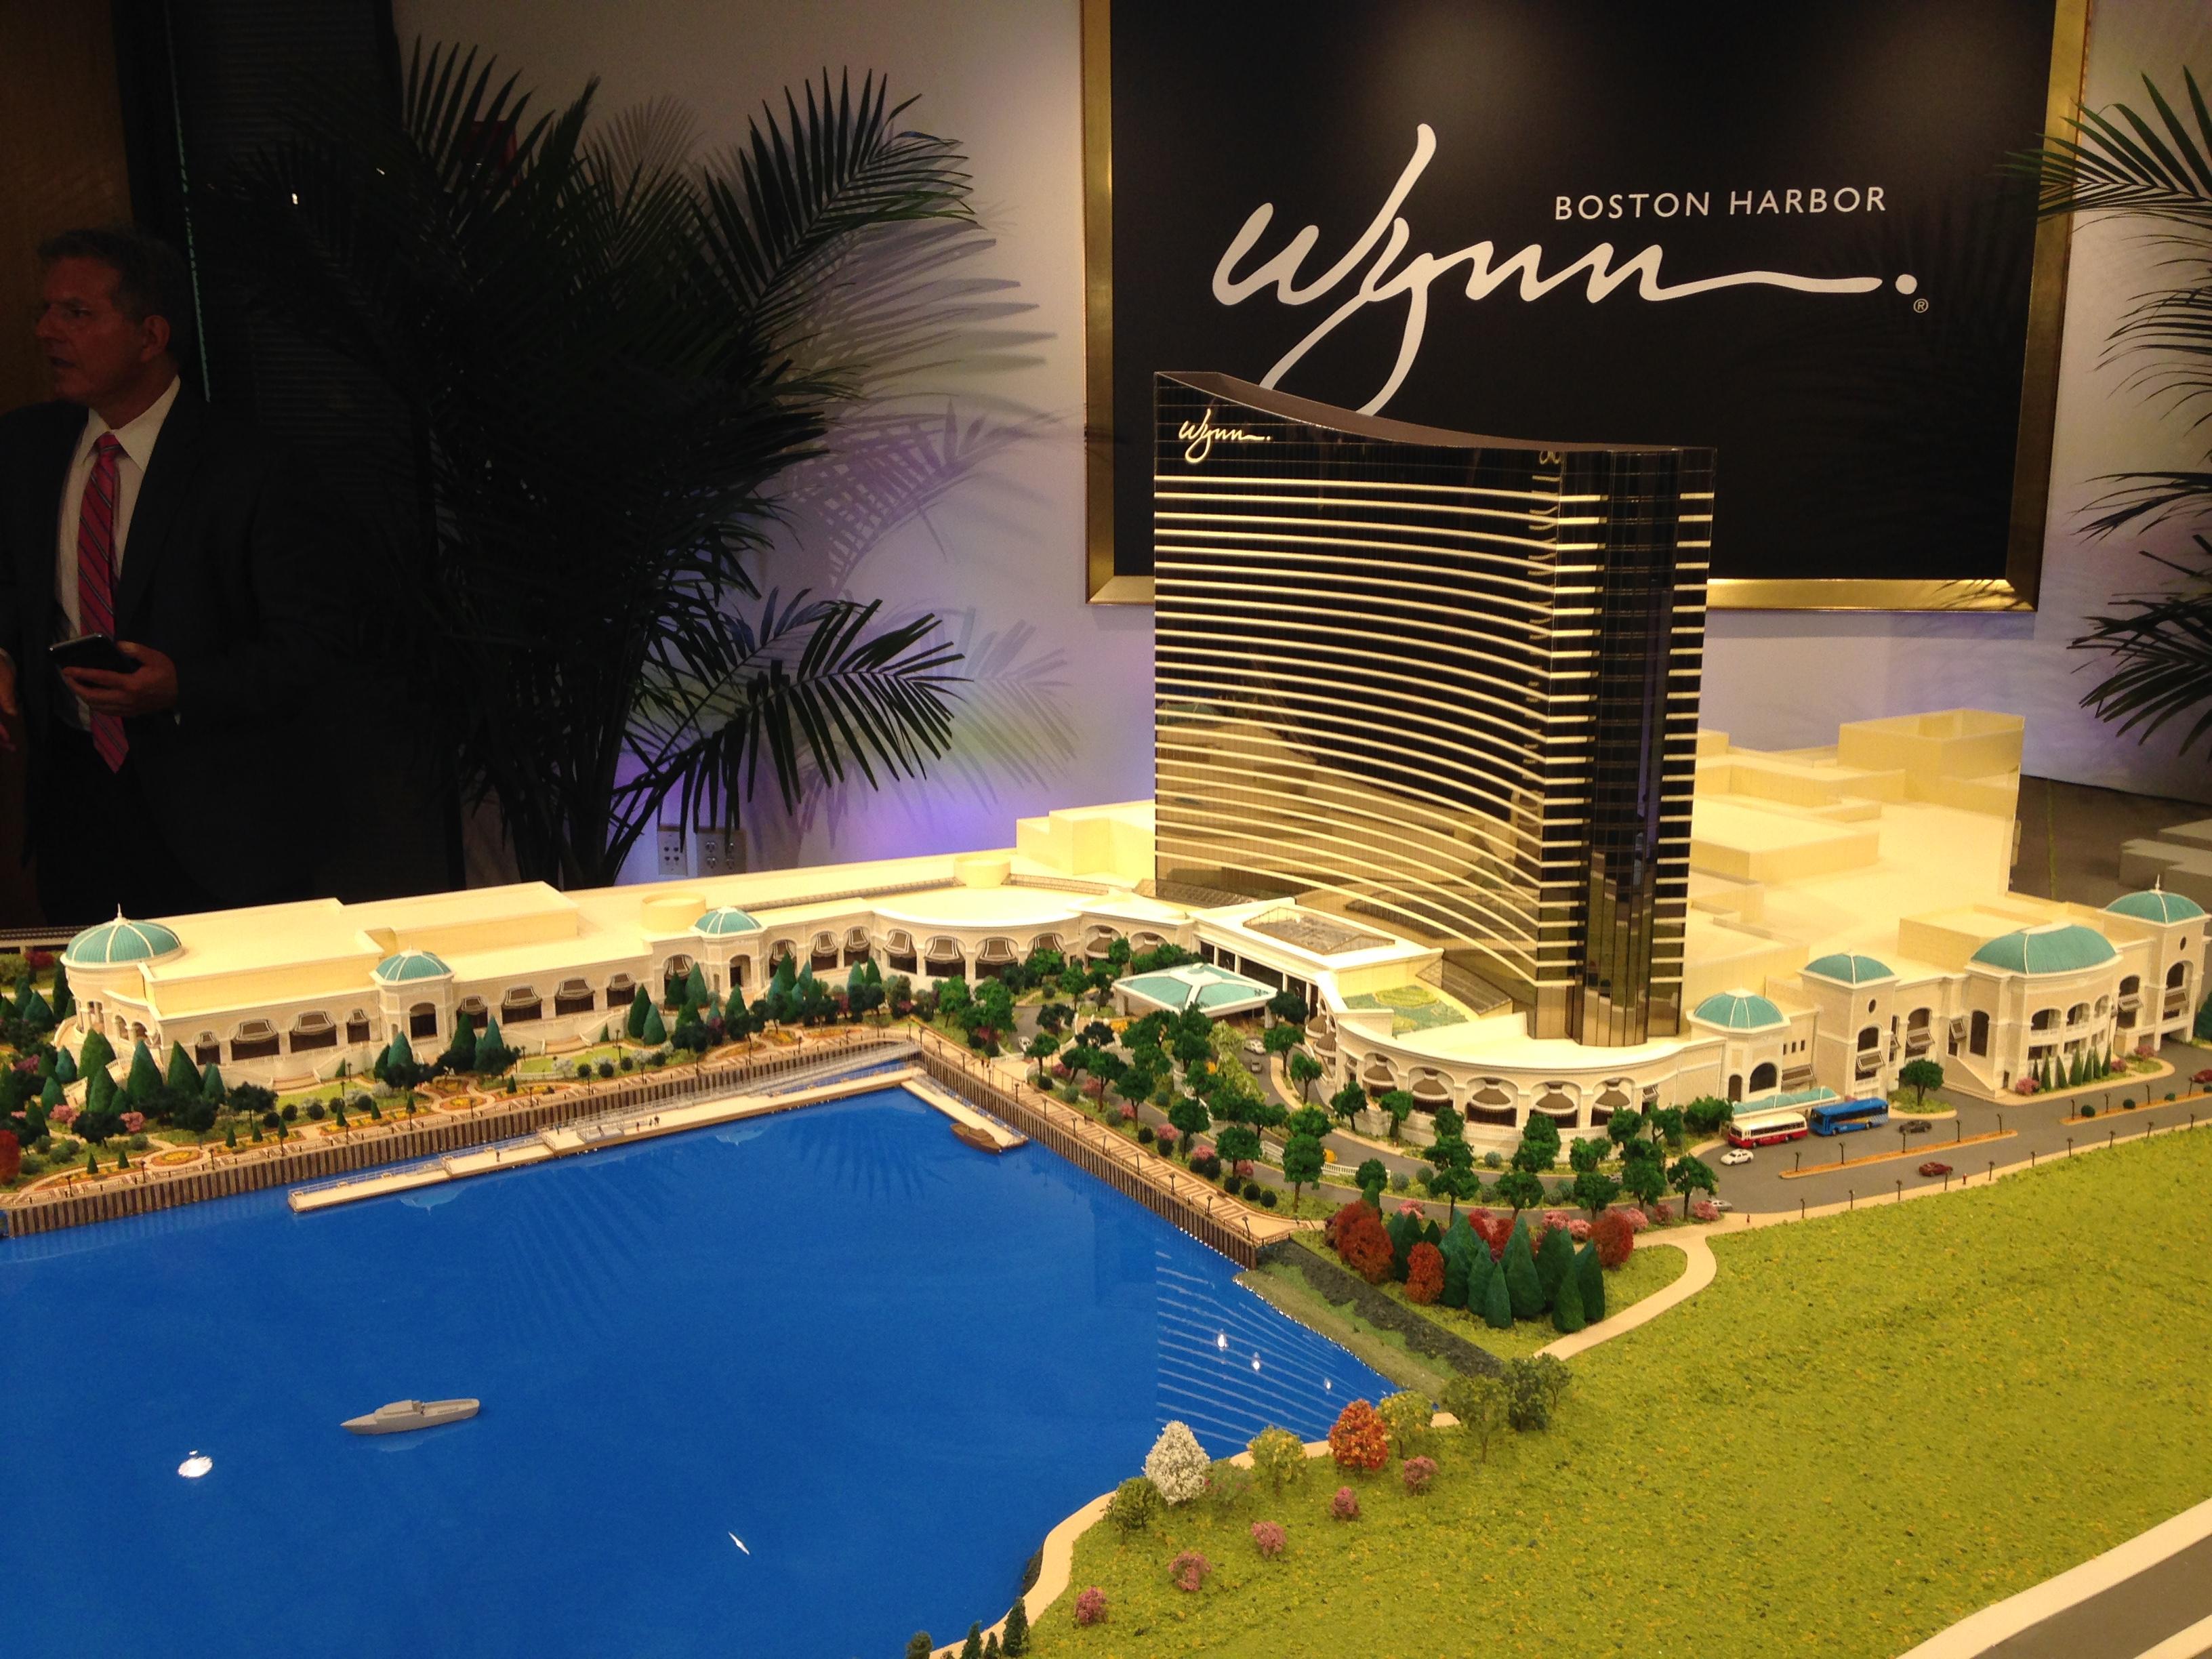 Wynn casino everett architect